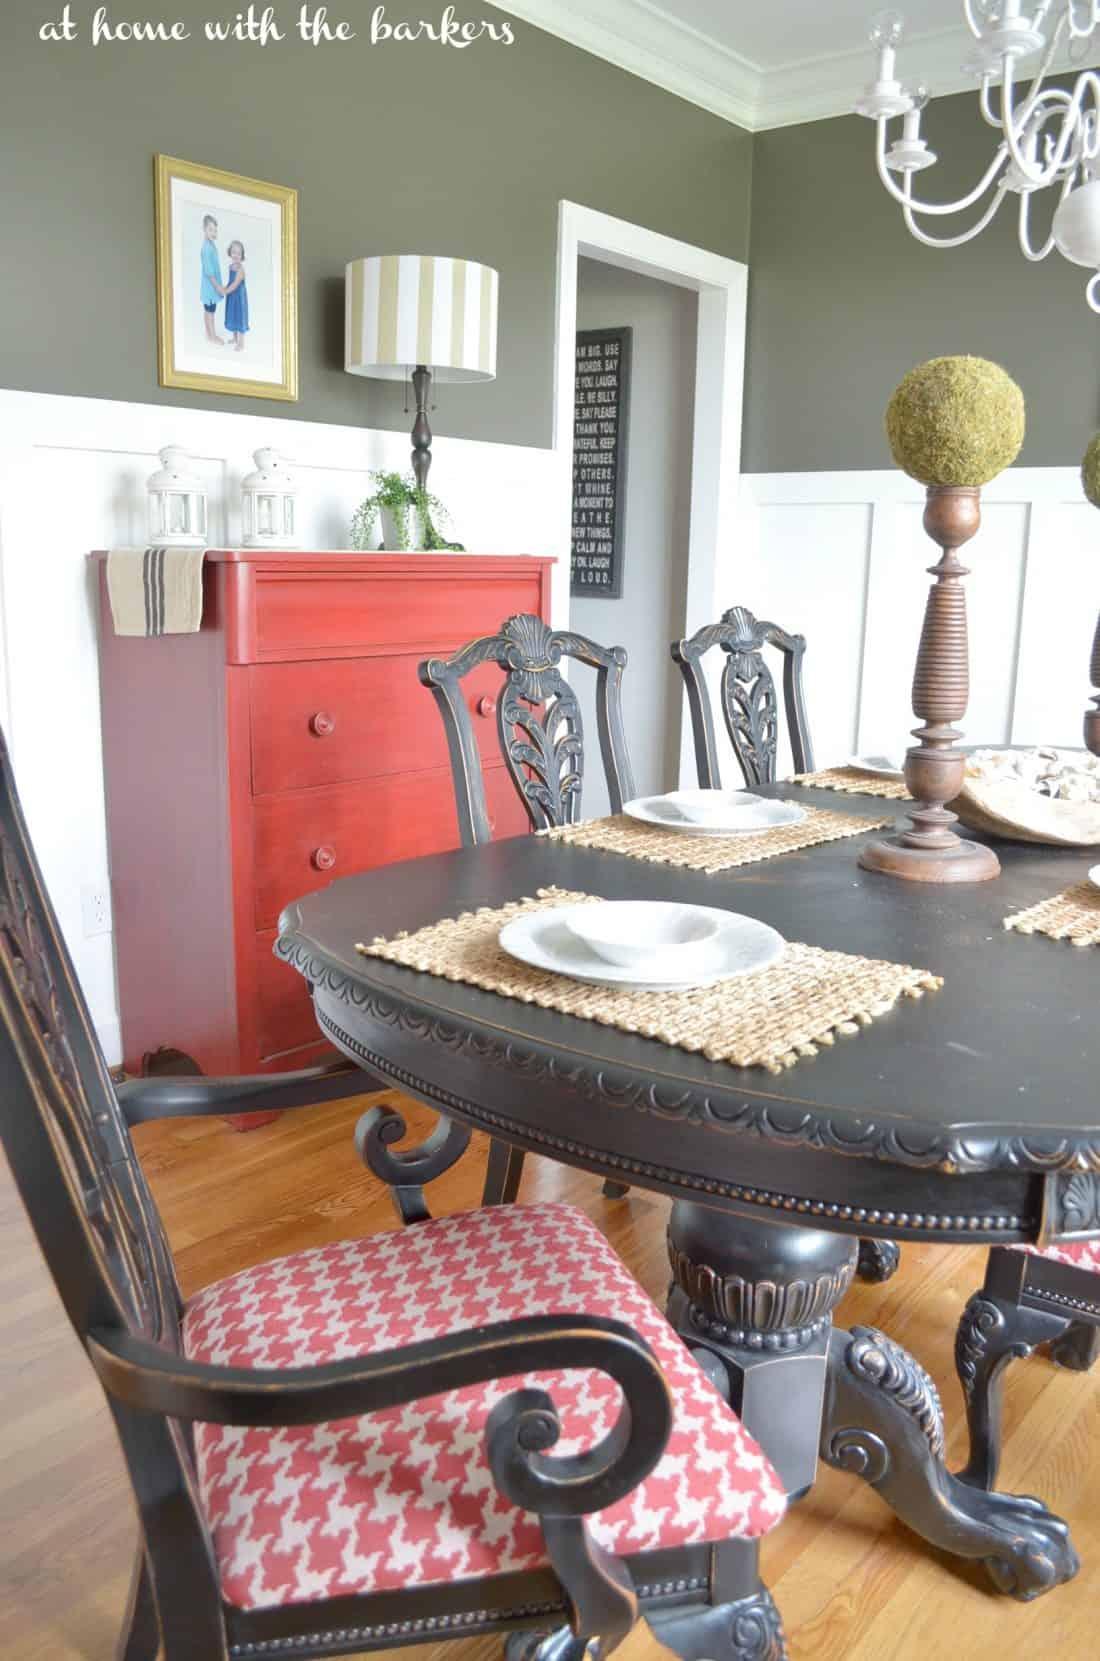 Room Decor: Dining Room Summer Decor